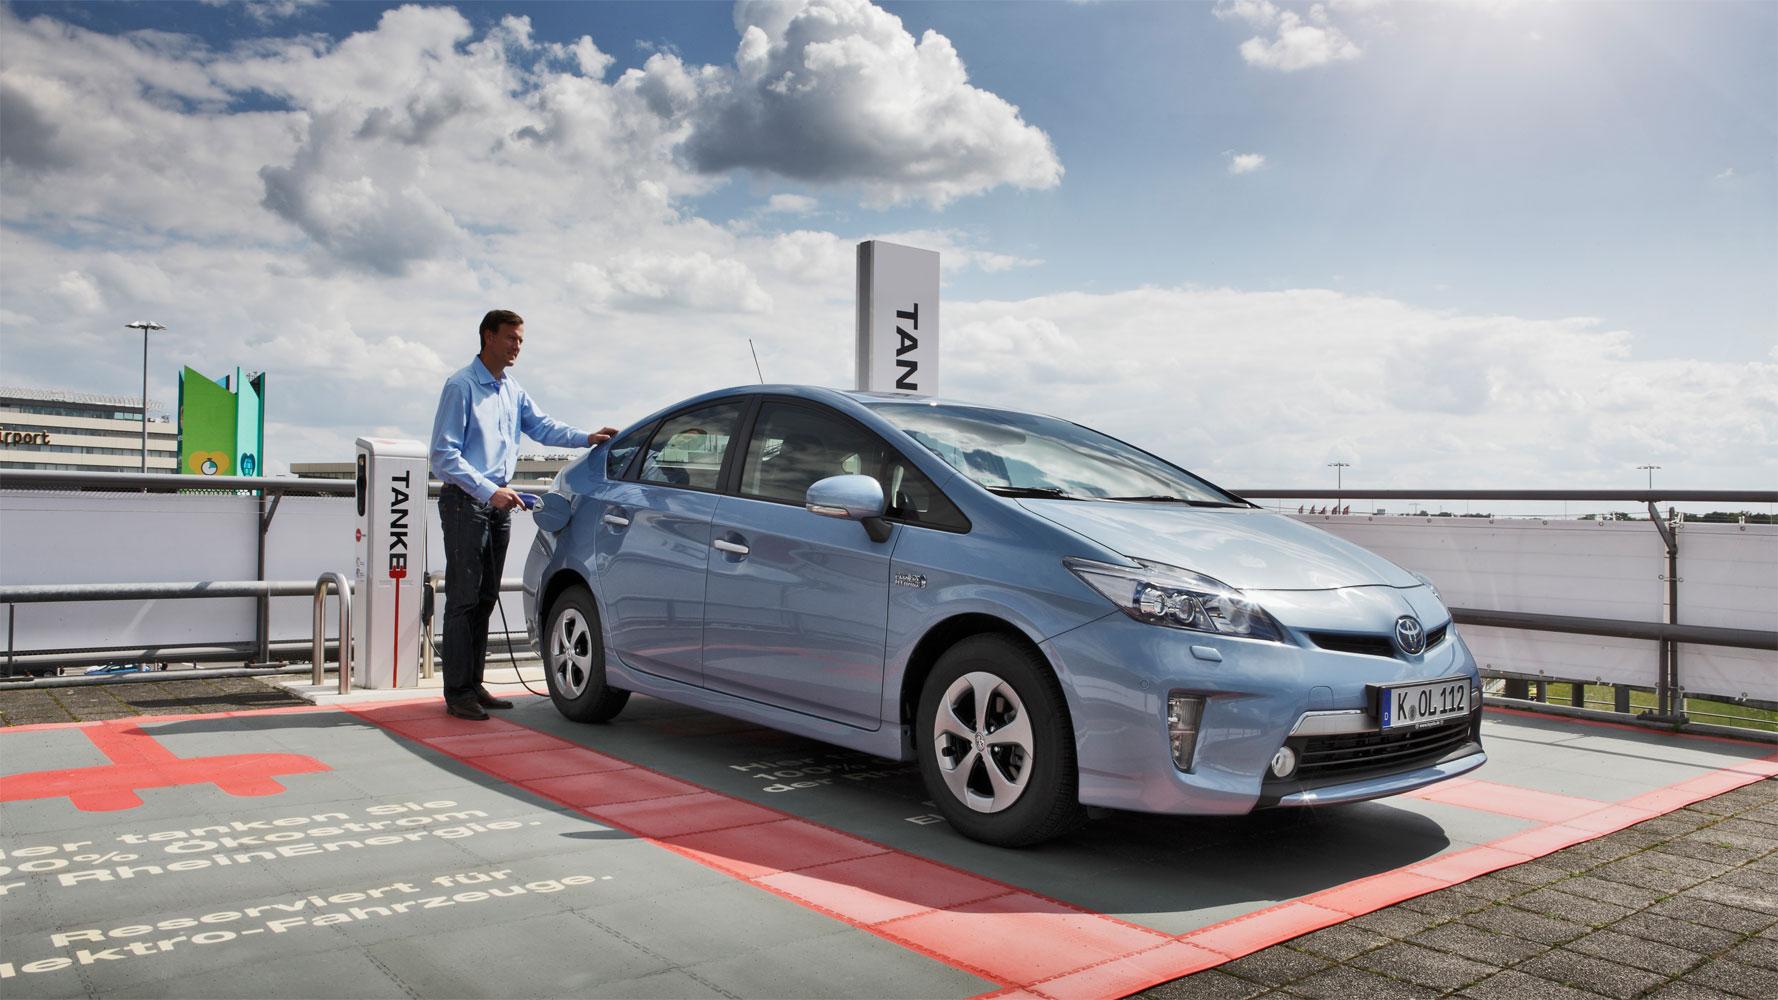 Plug-In Prius bester im ADAC EcoTest